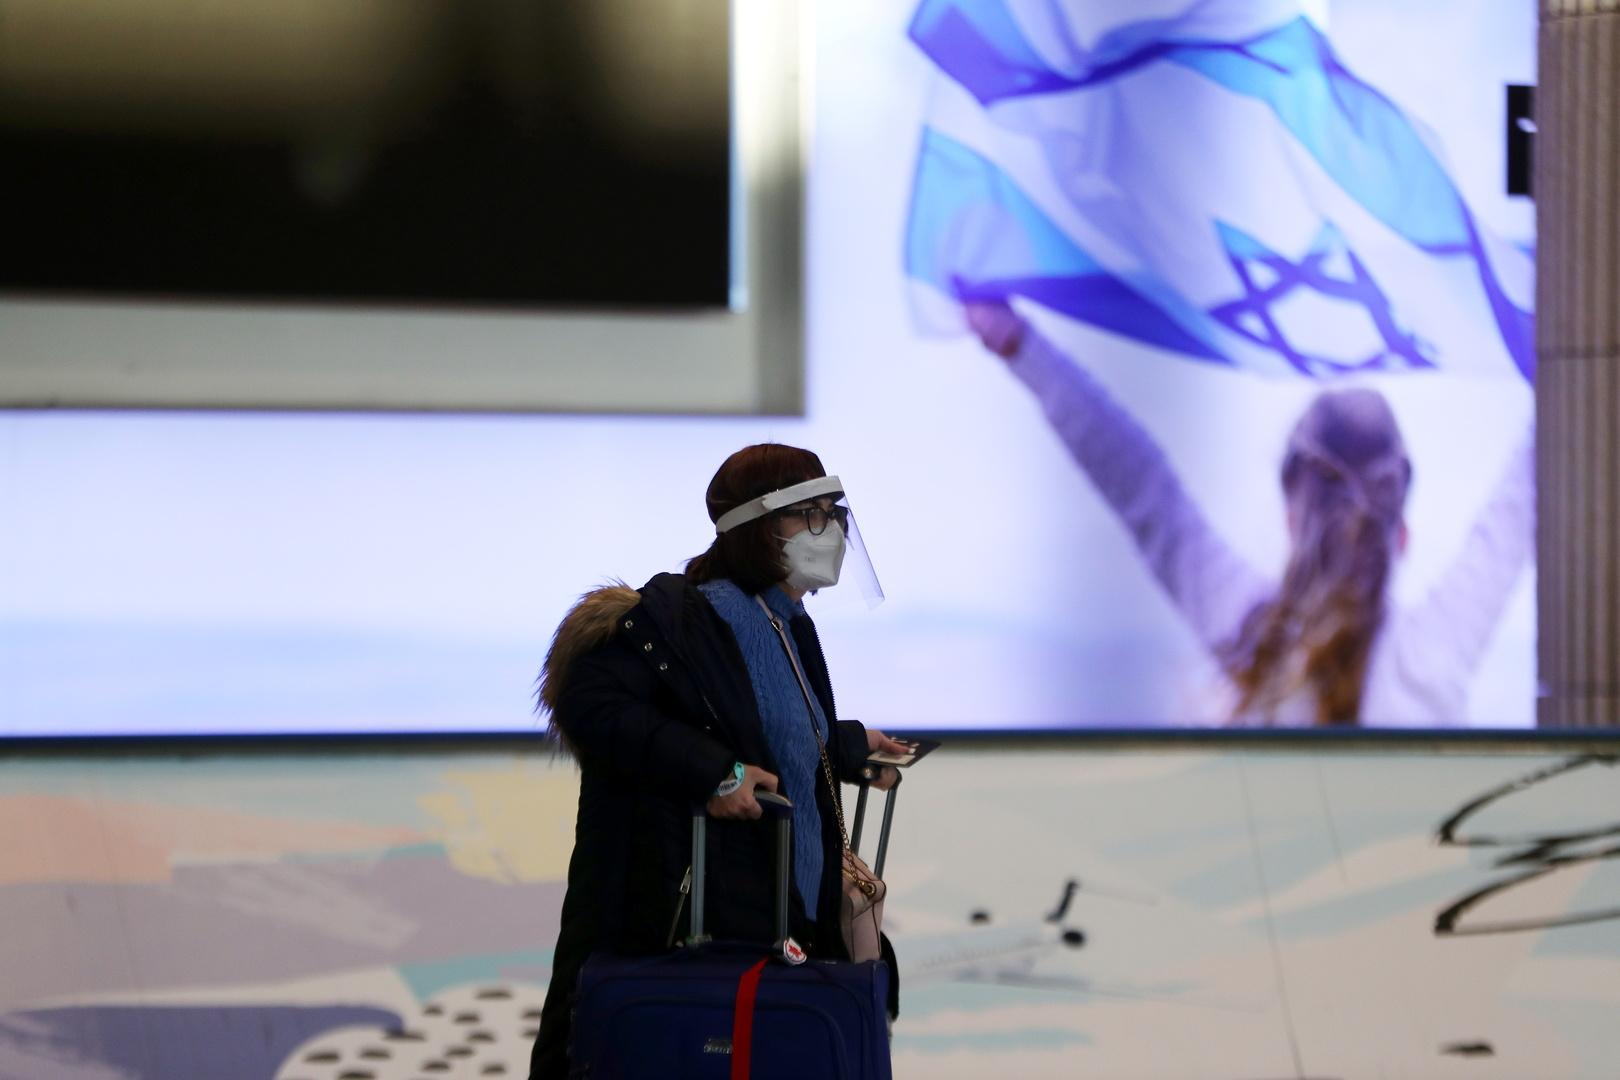 إسرائيل.. تسجيل أكثر من 4 آلاف إصابة بكورونا في أقل من 24 ساعة